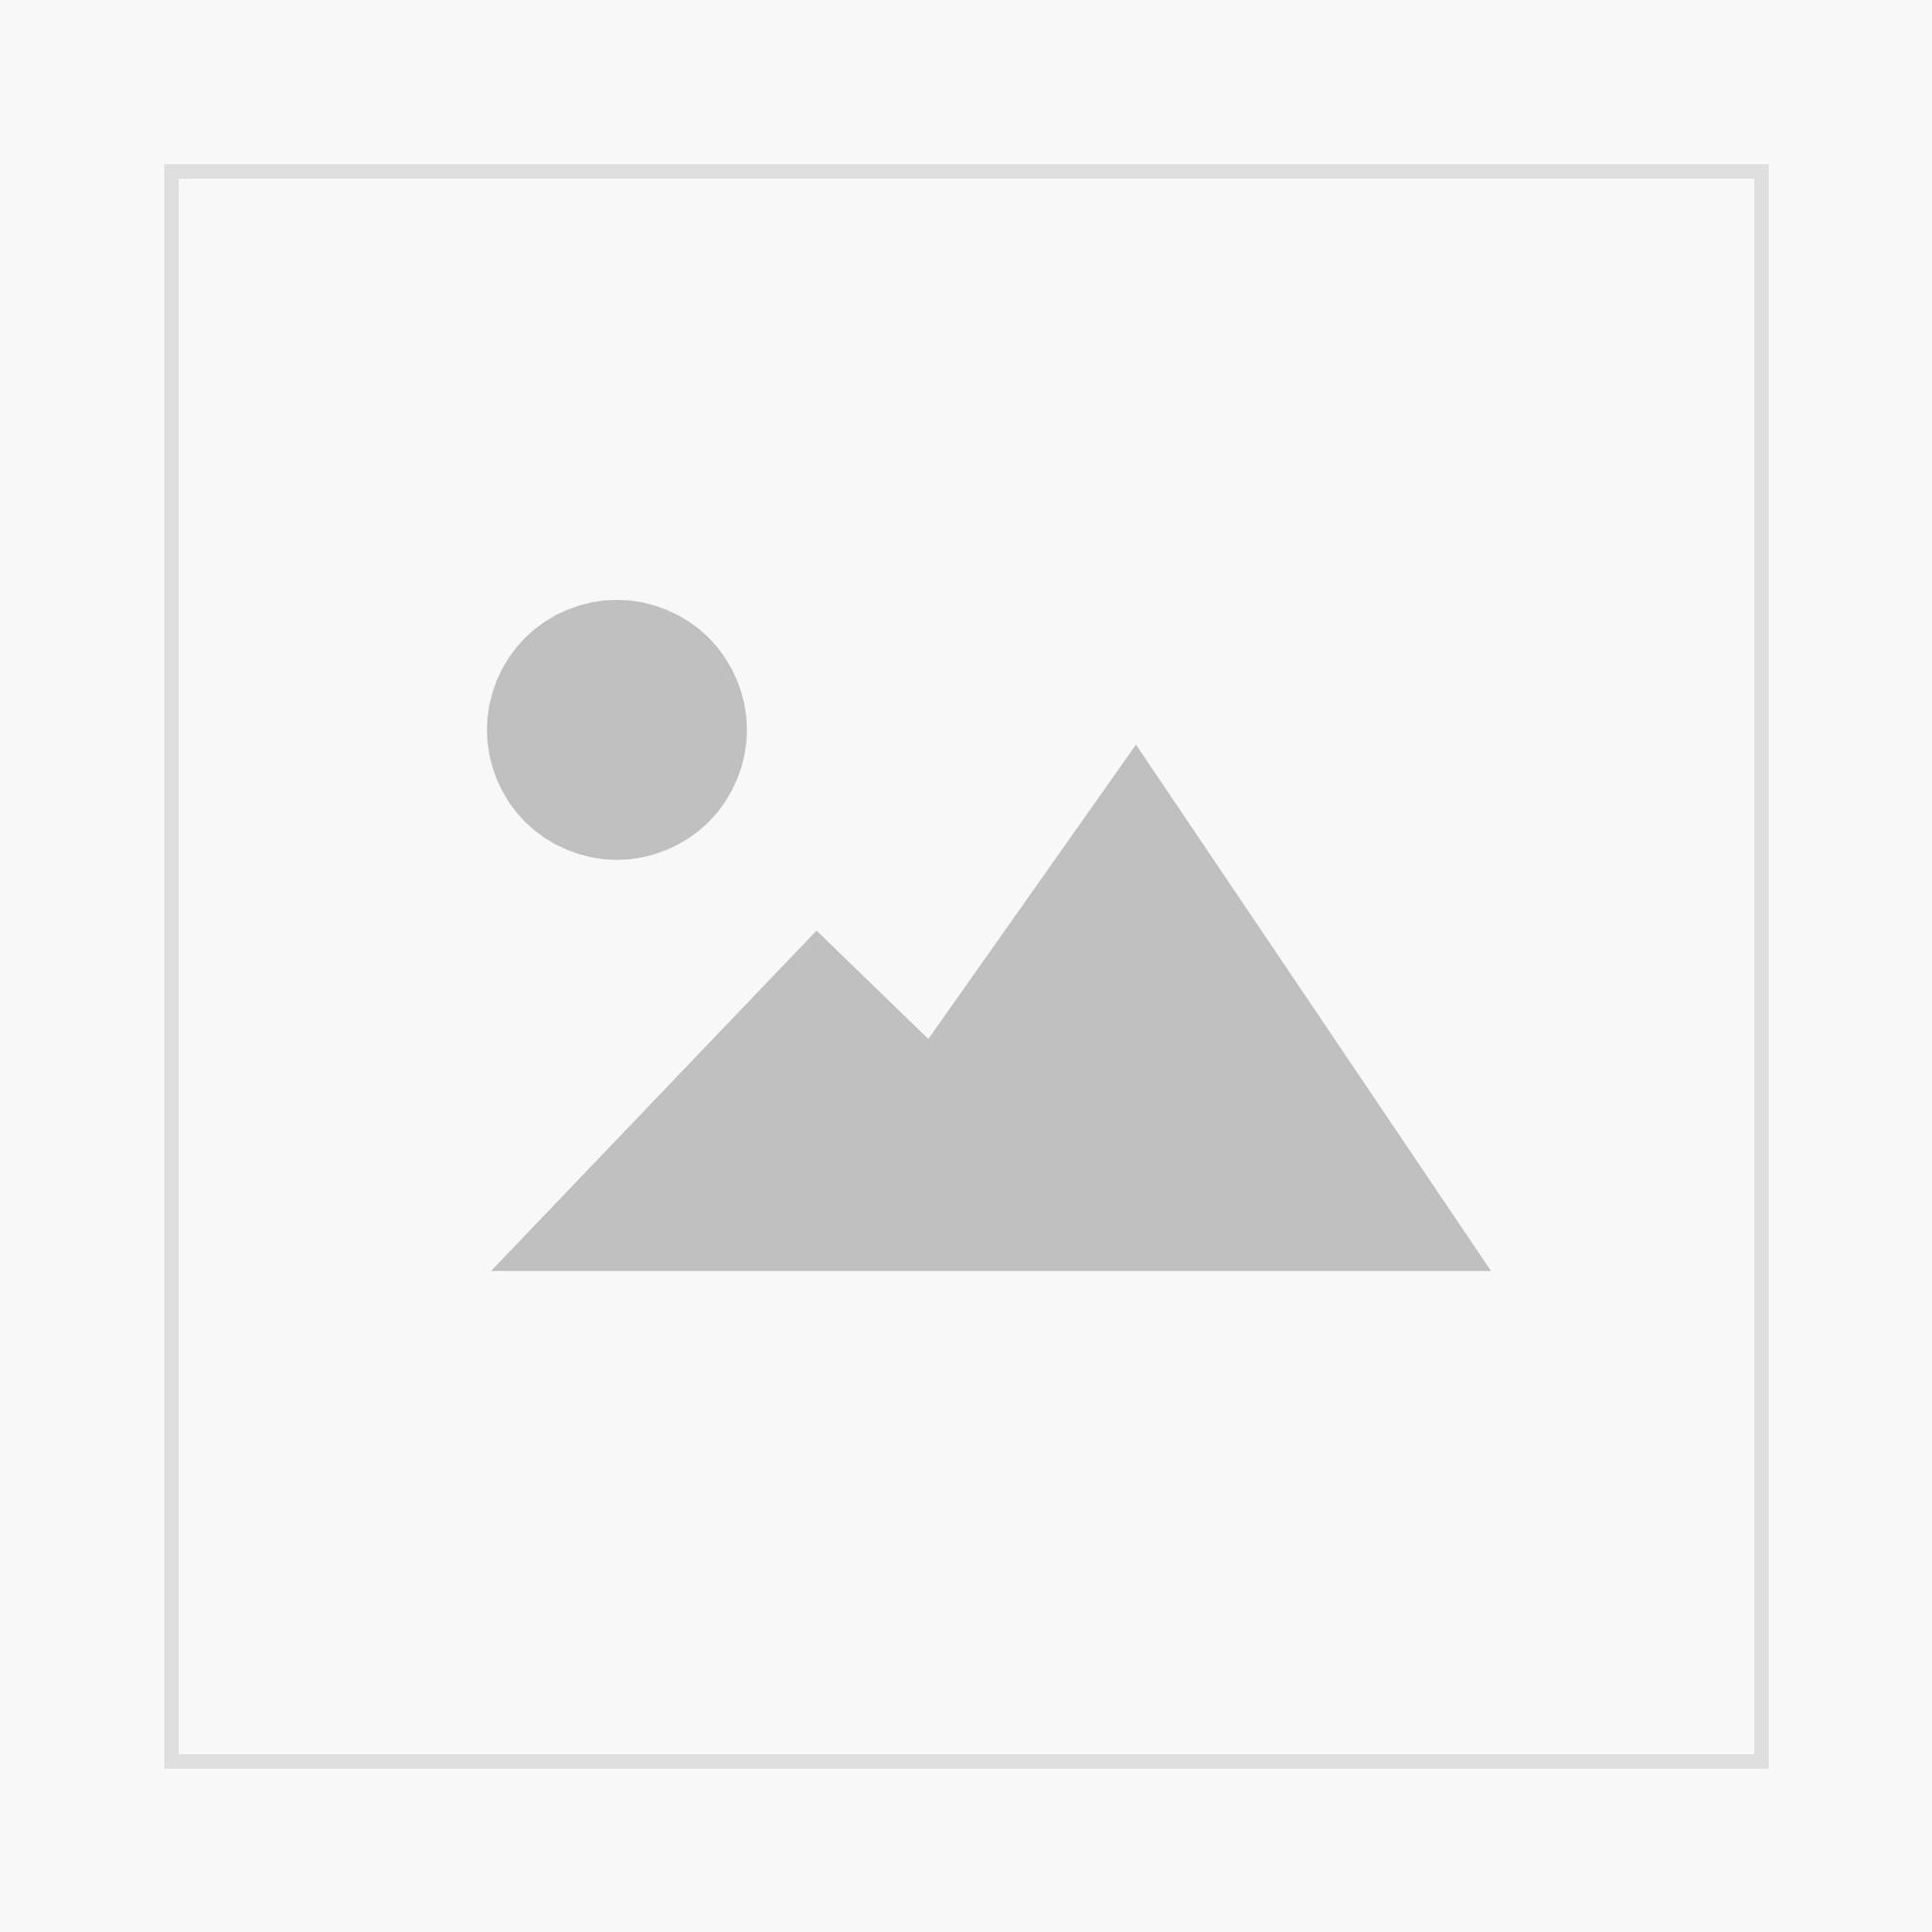 NaBiV Heft 162: Kompensationsmaßnahmen in der Landwirtschaft nach § 15 BNatSchG